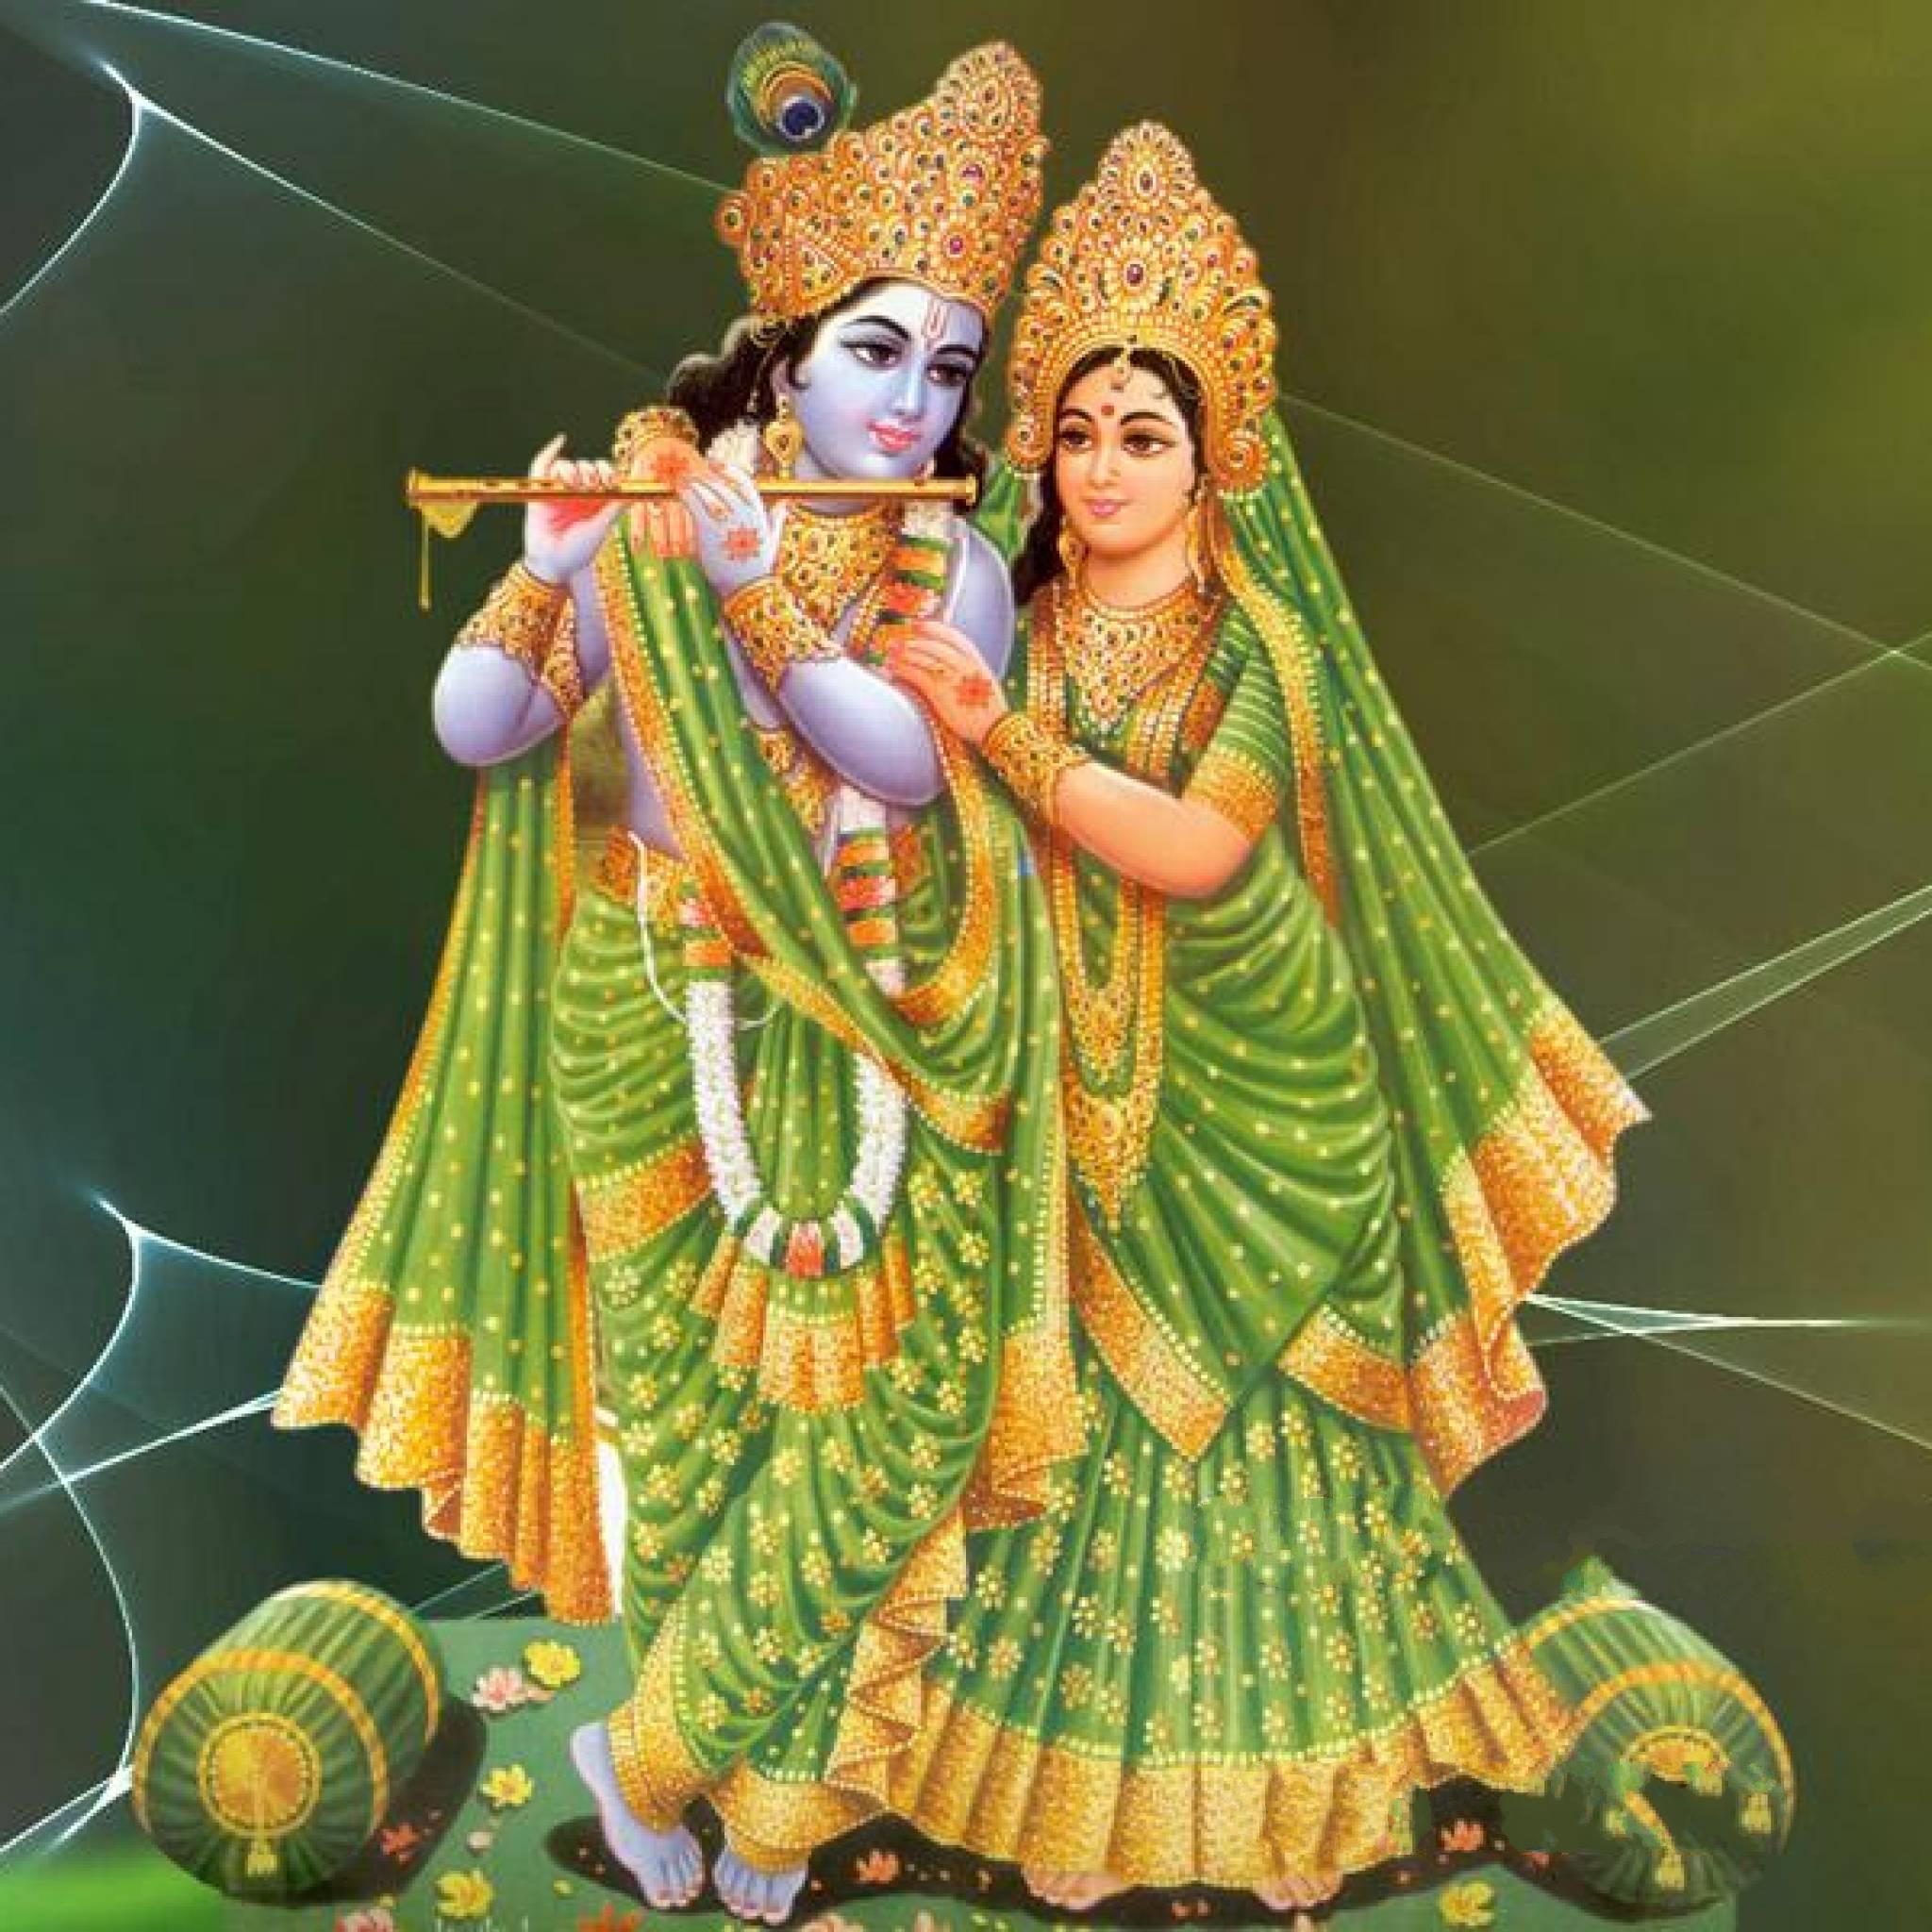 Radha Krishna God Wallpaper Hd - HD Wallpaper